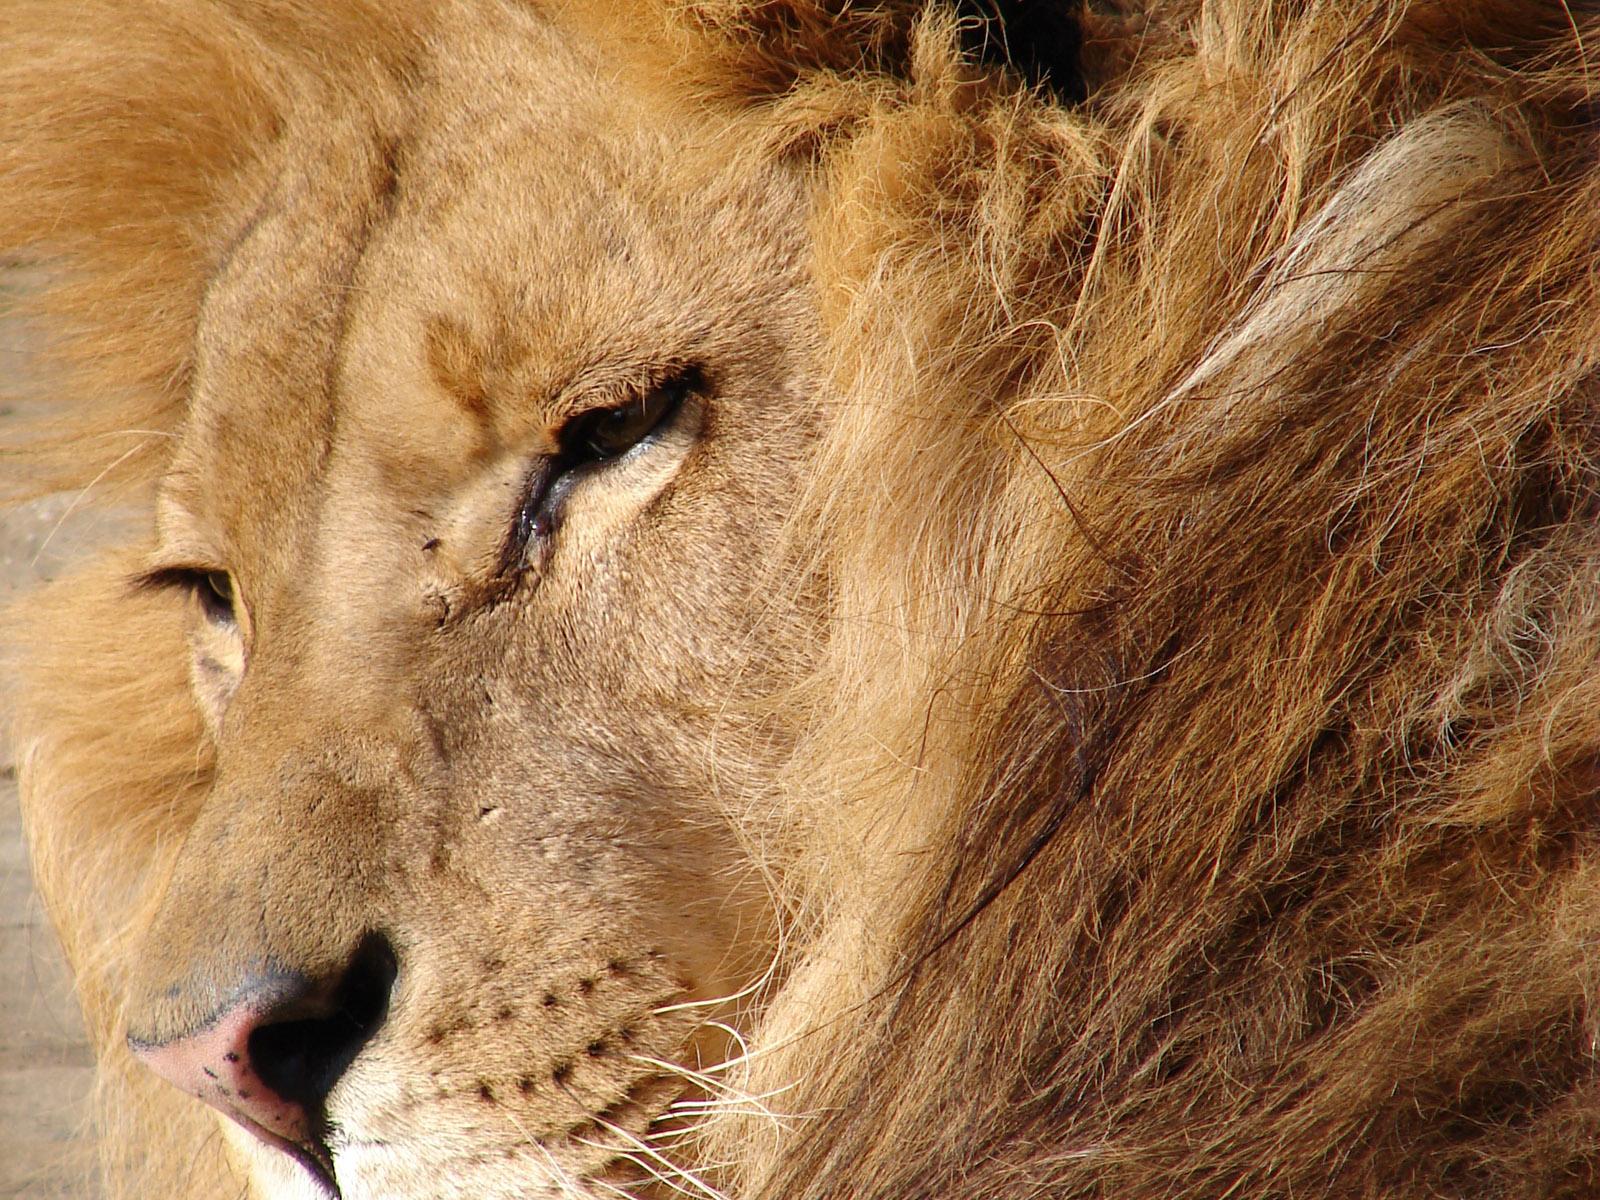 Лев, фото, обои для рабочего стола, львы, lion wallpaper, хищник